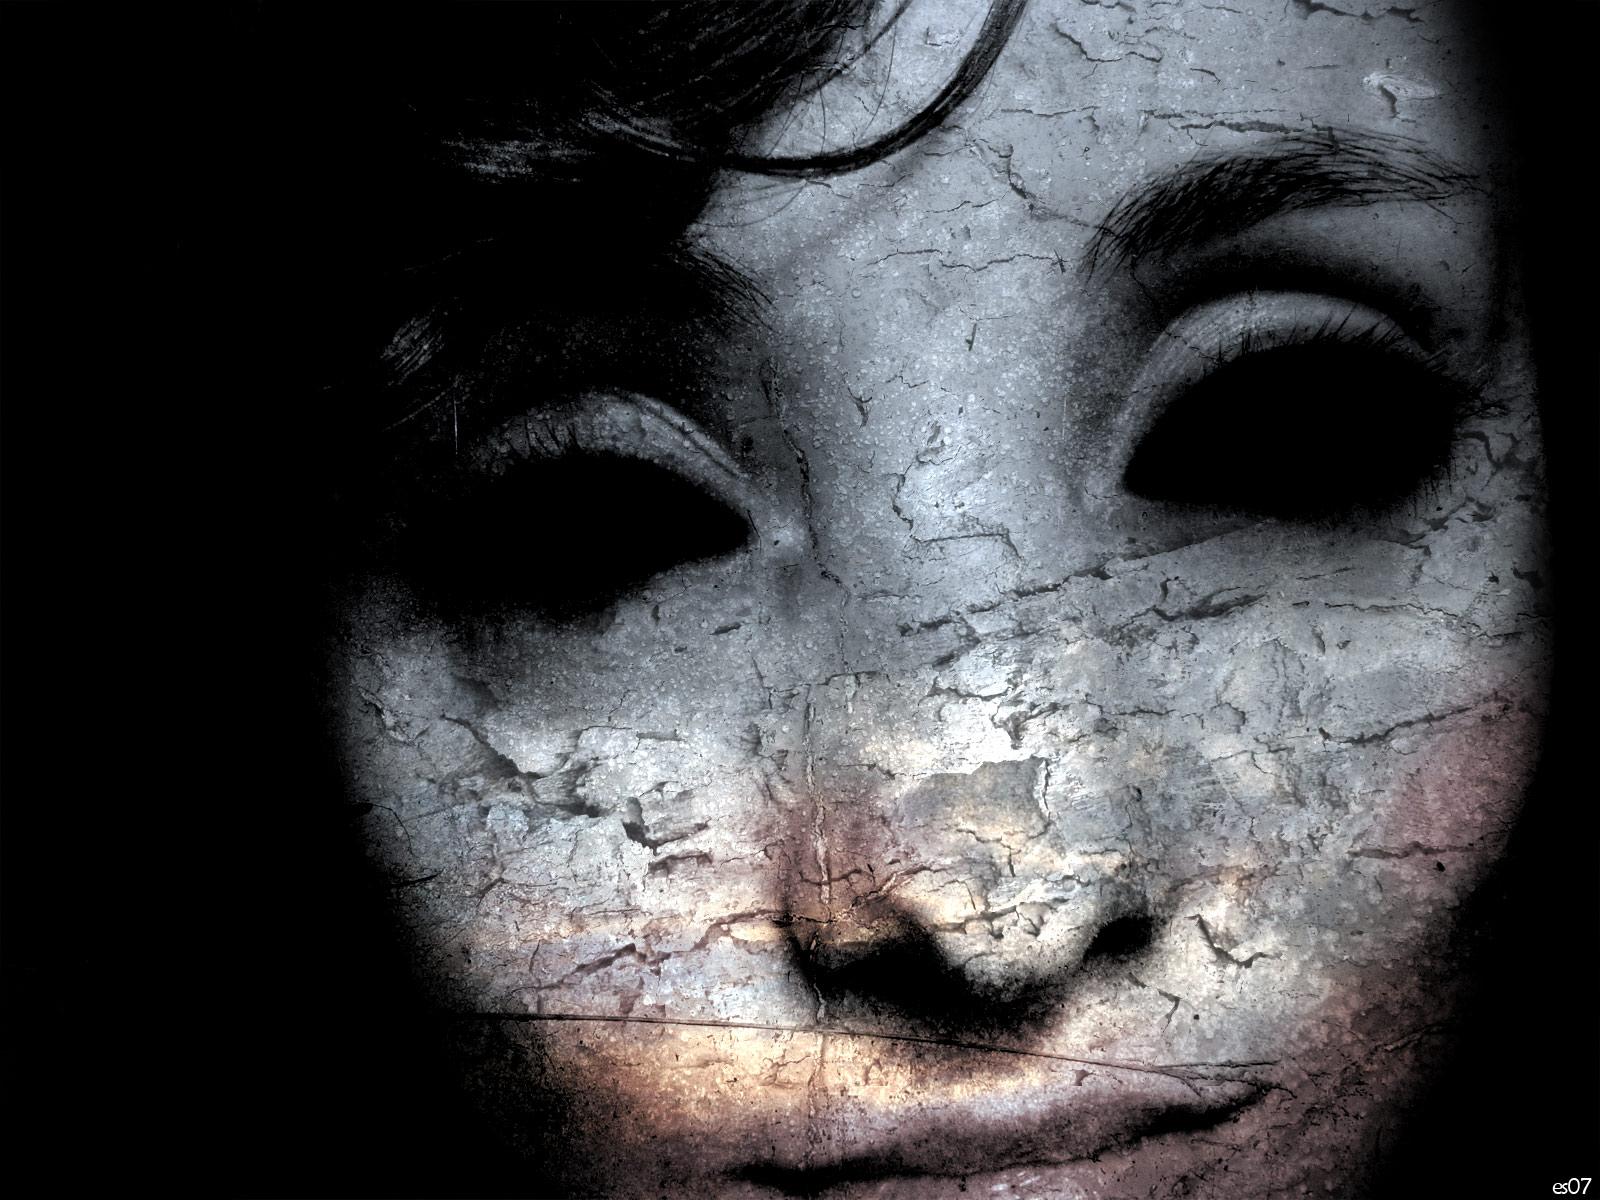 http://1.bp.blogspot.com/-x9cH7vOsvxk/Th0XYsBFeYI/AAAAAAAAACI/OIbnOibQs3E/s1600/sadness+%25281%2529.jpg